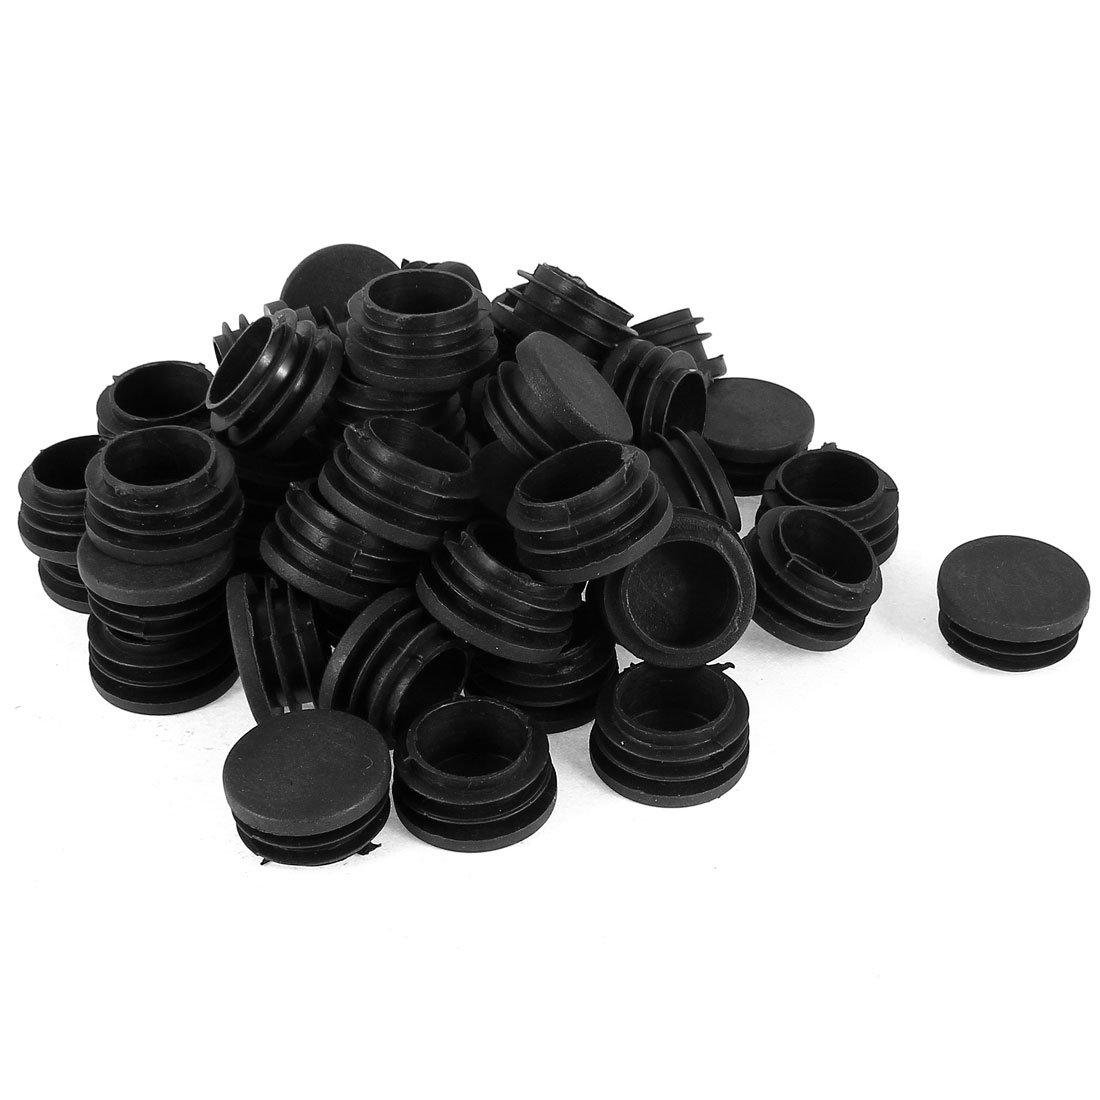 50 st ck 32 mm durchmesser kunststoff abdeckung endkappen schlauch rohr jetzt bestellen. Black Bedroom Furniture Sets. Home Design Ideas